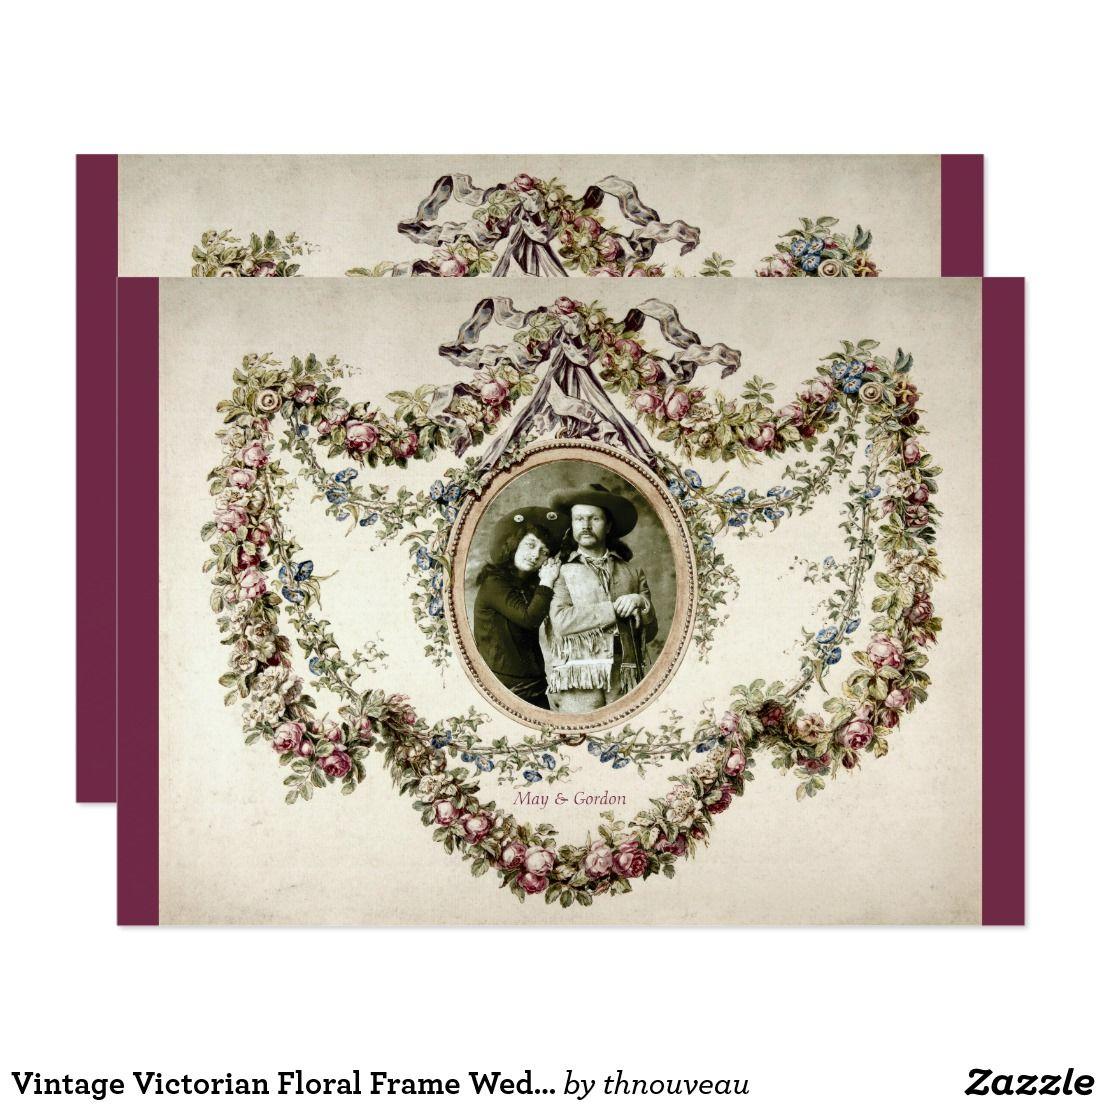 Vintage Victorian Floral Frame Wedding Invitation Vintage